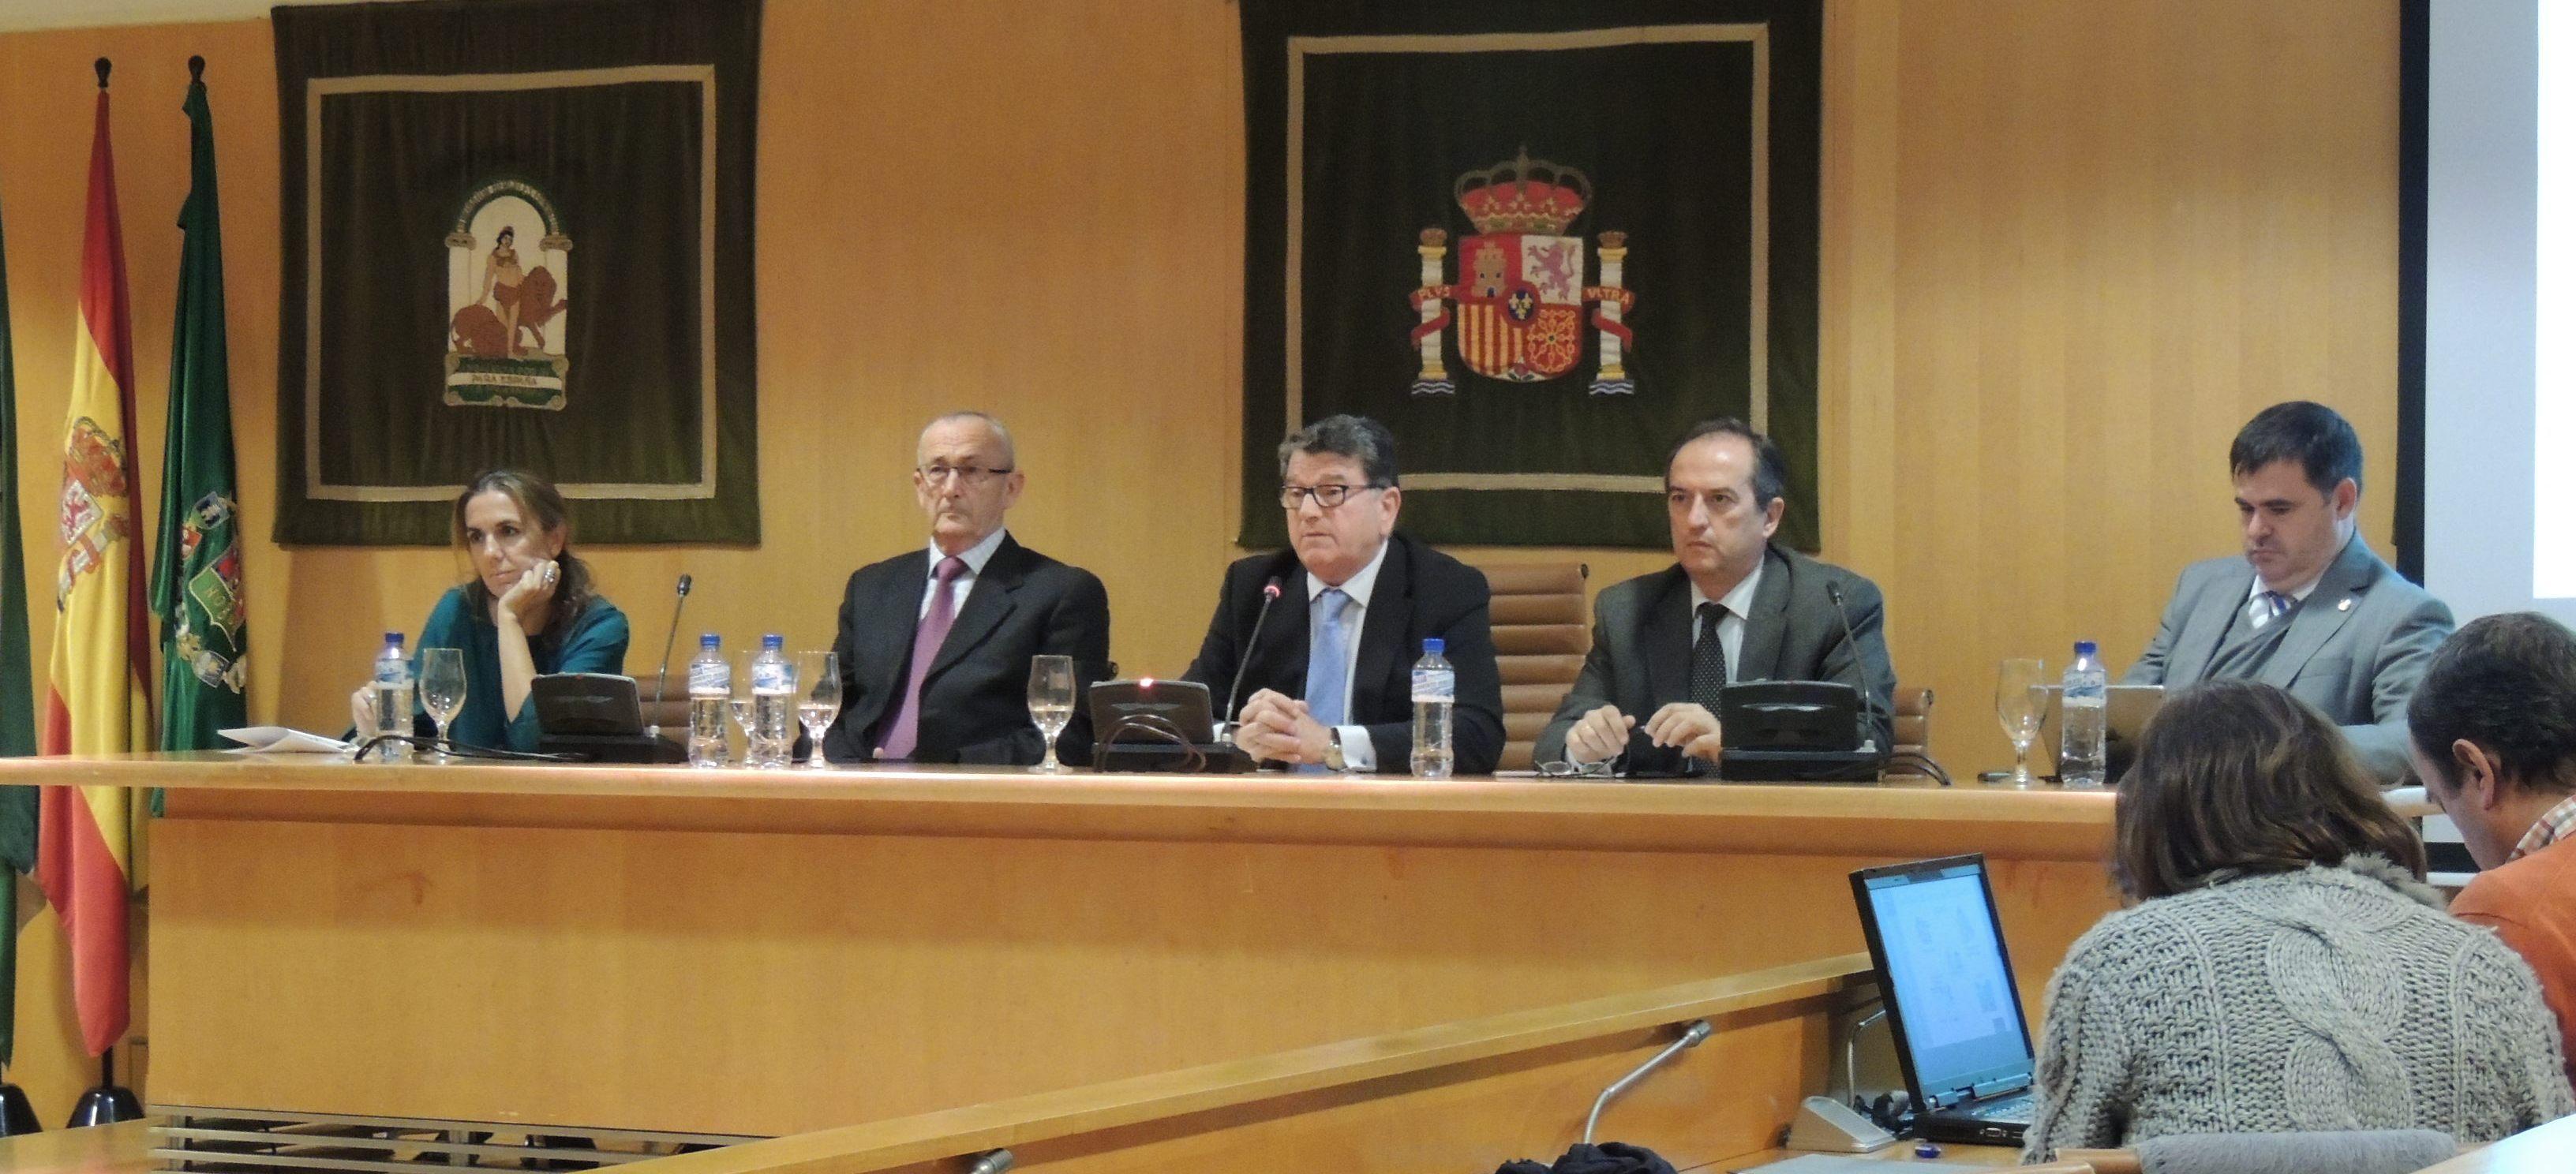 El presidente de ETICOM destaca el papel de las TICC en el reto de generar empleo en Andalucía